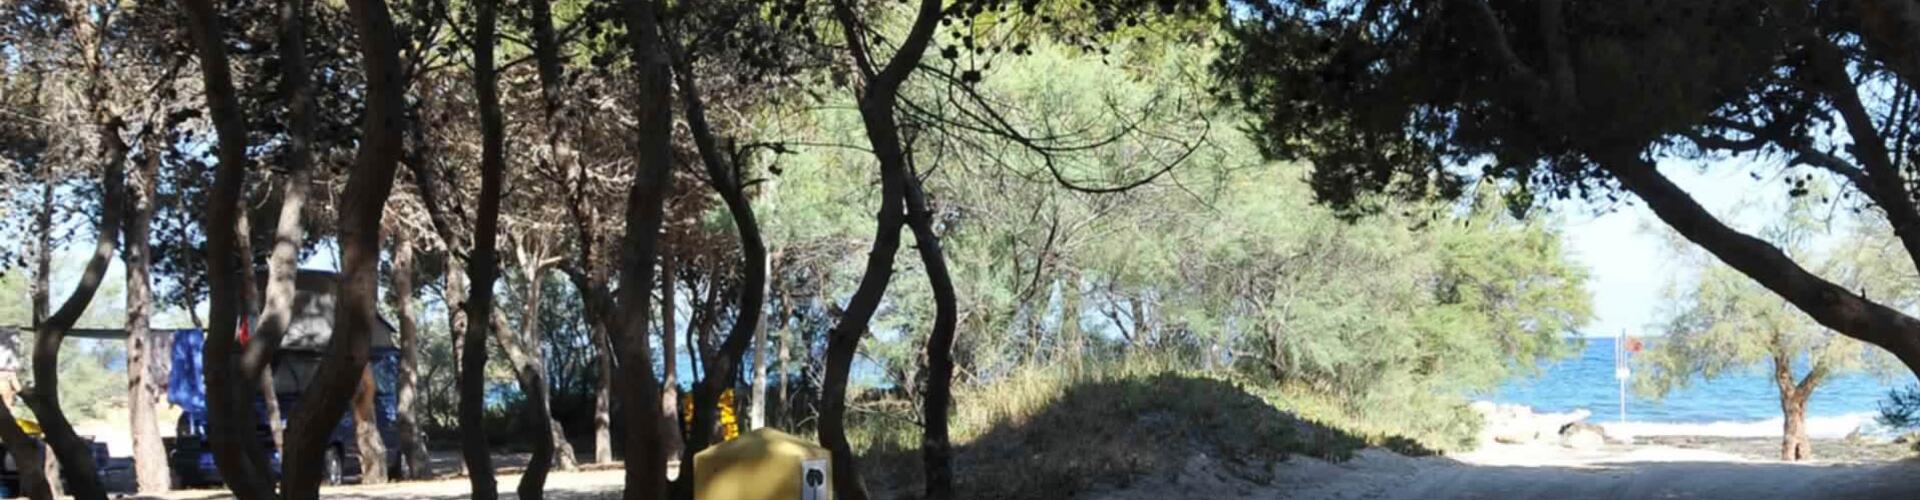 lavecchiatorregallipoli it area-camping 008